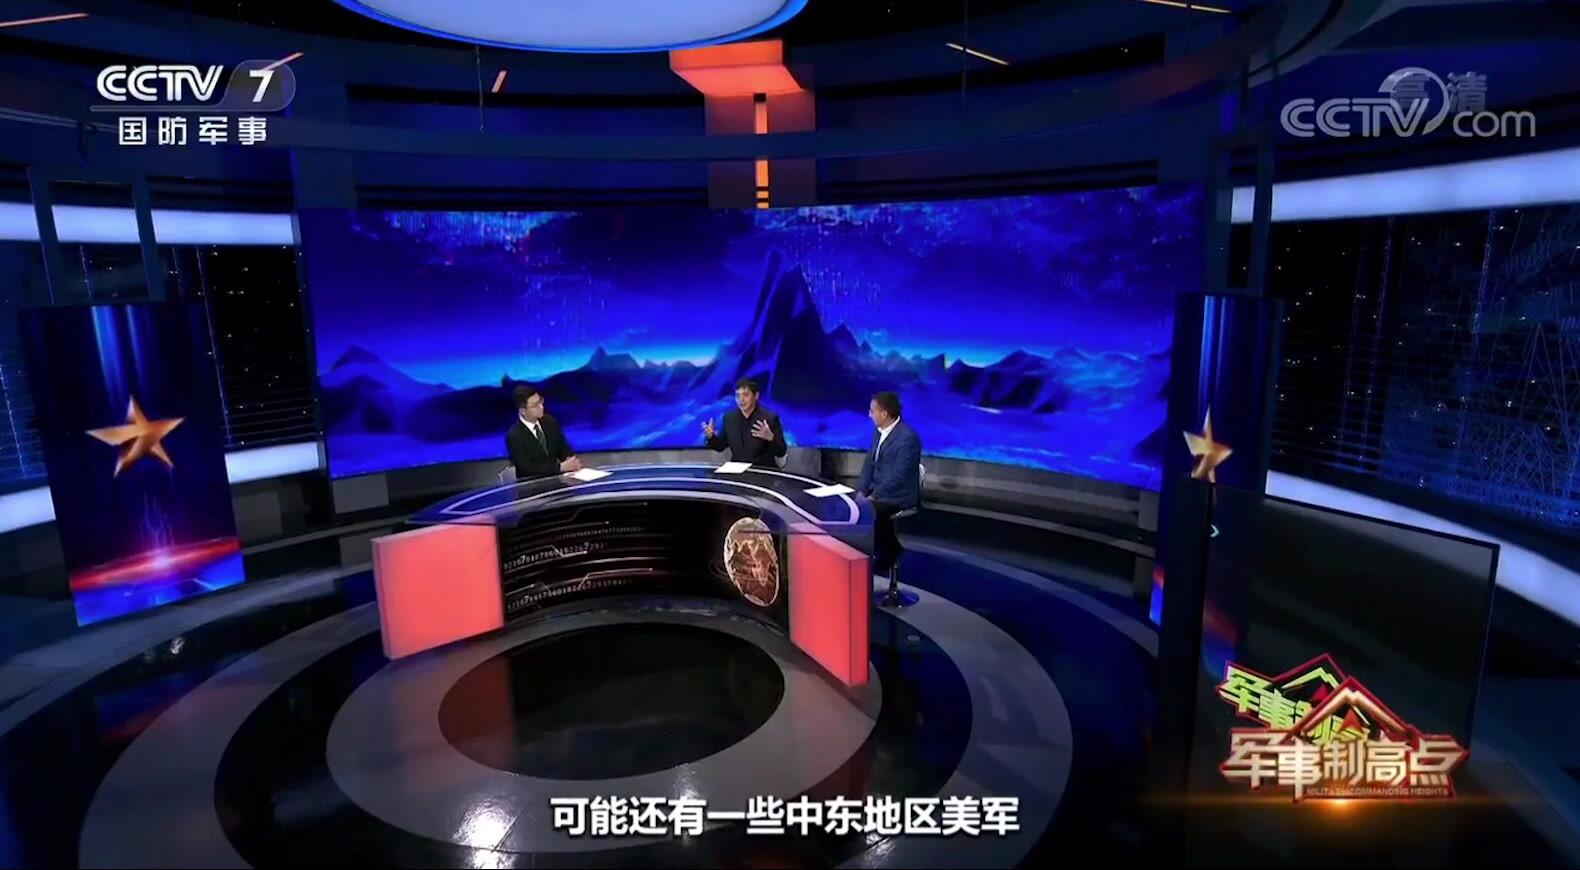 CCTV-7 Studio